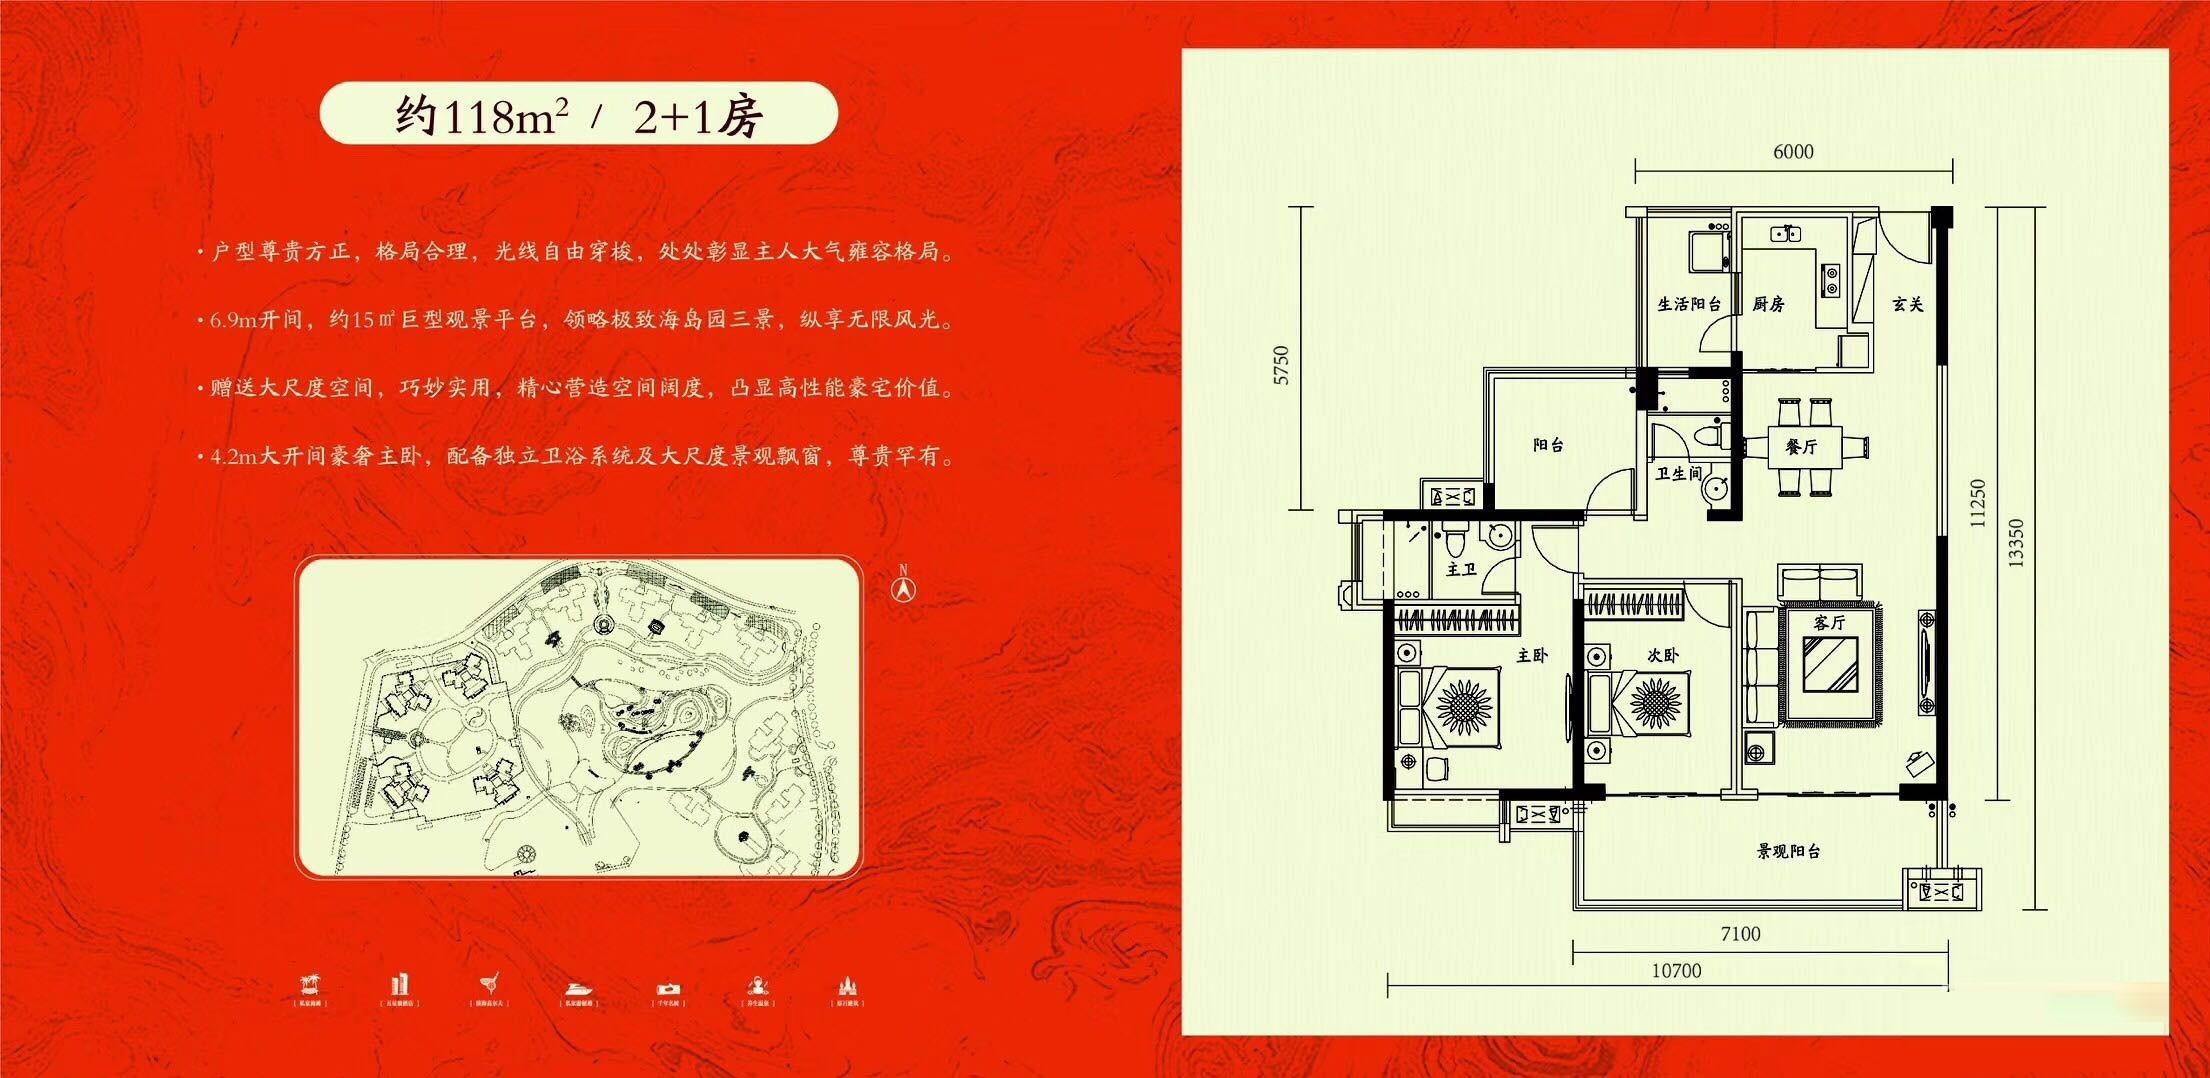 桃花岛2+1房约118平